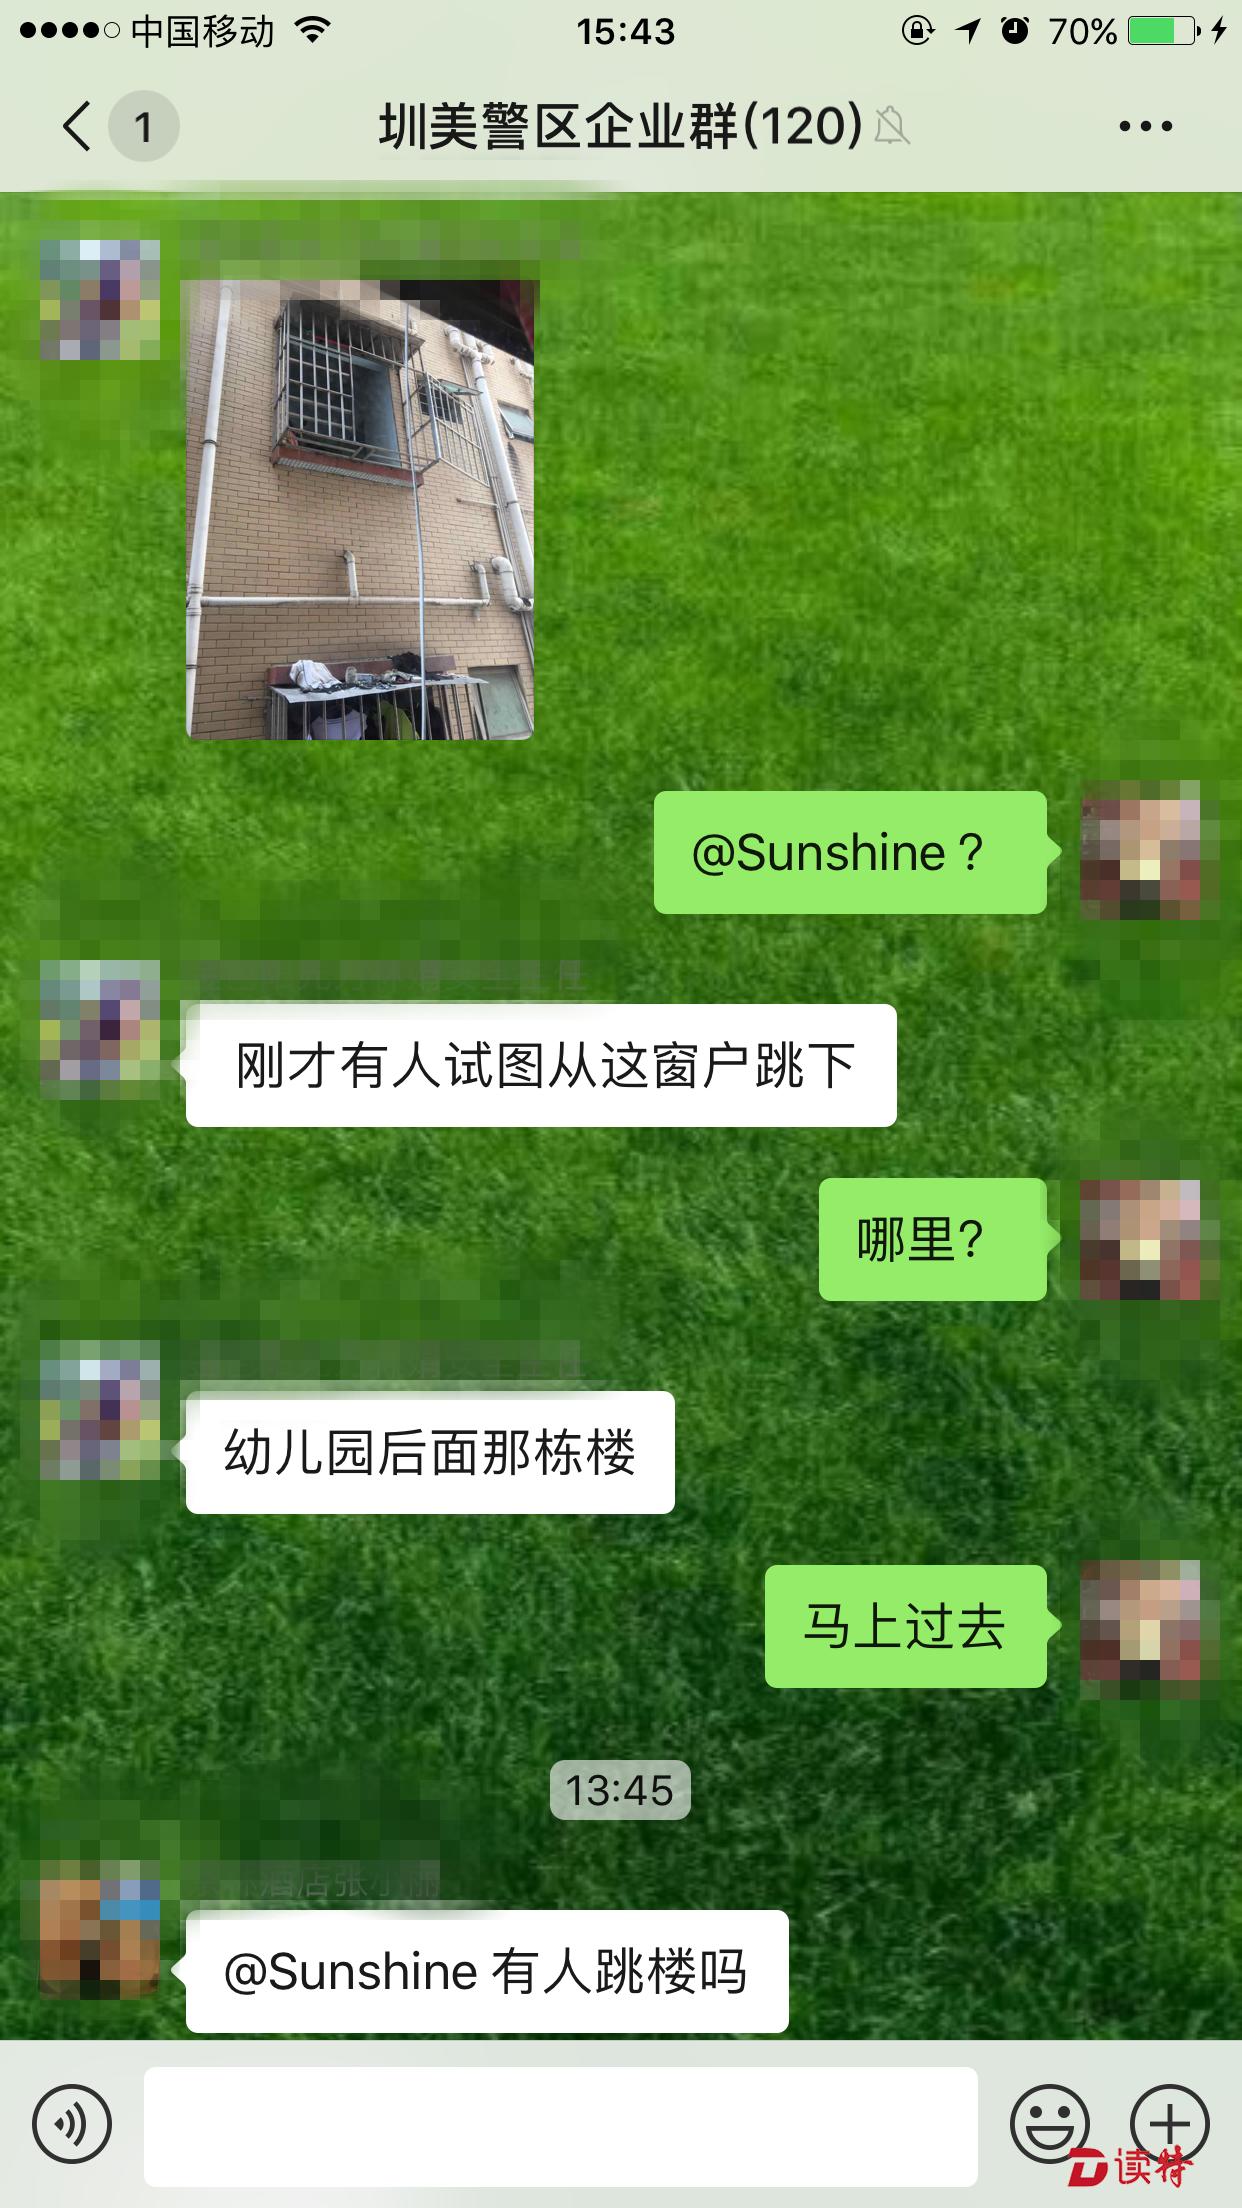 """微信群传一母亲欲携子跳楼!深圳警方""""1分钟""""抵达现场营救"""